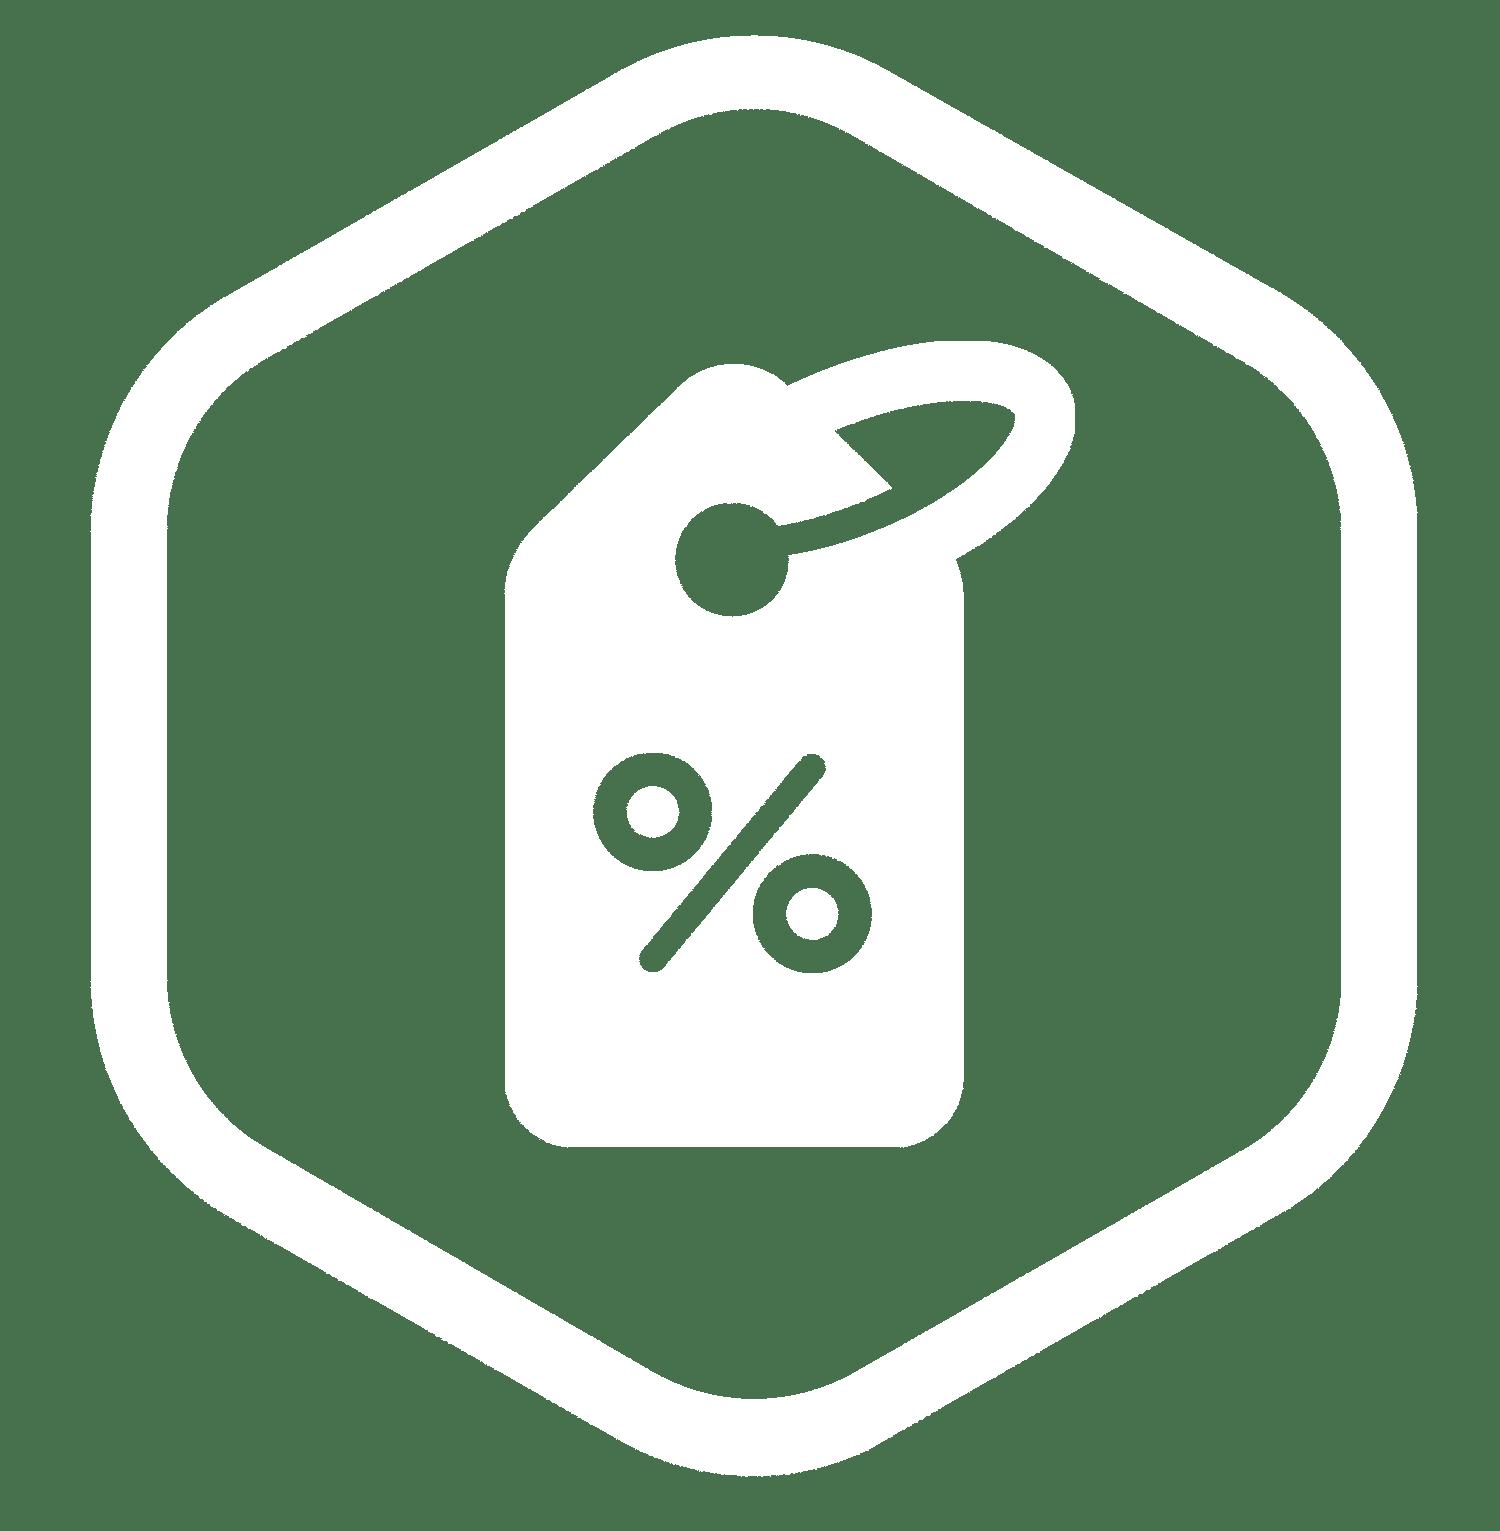 Retail Vouchers image